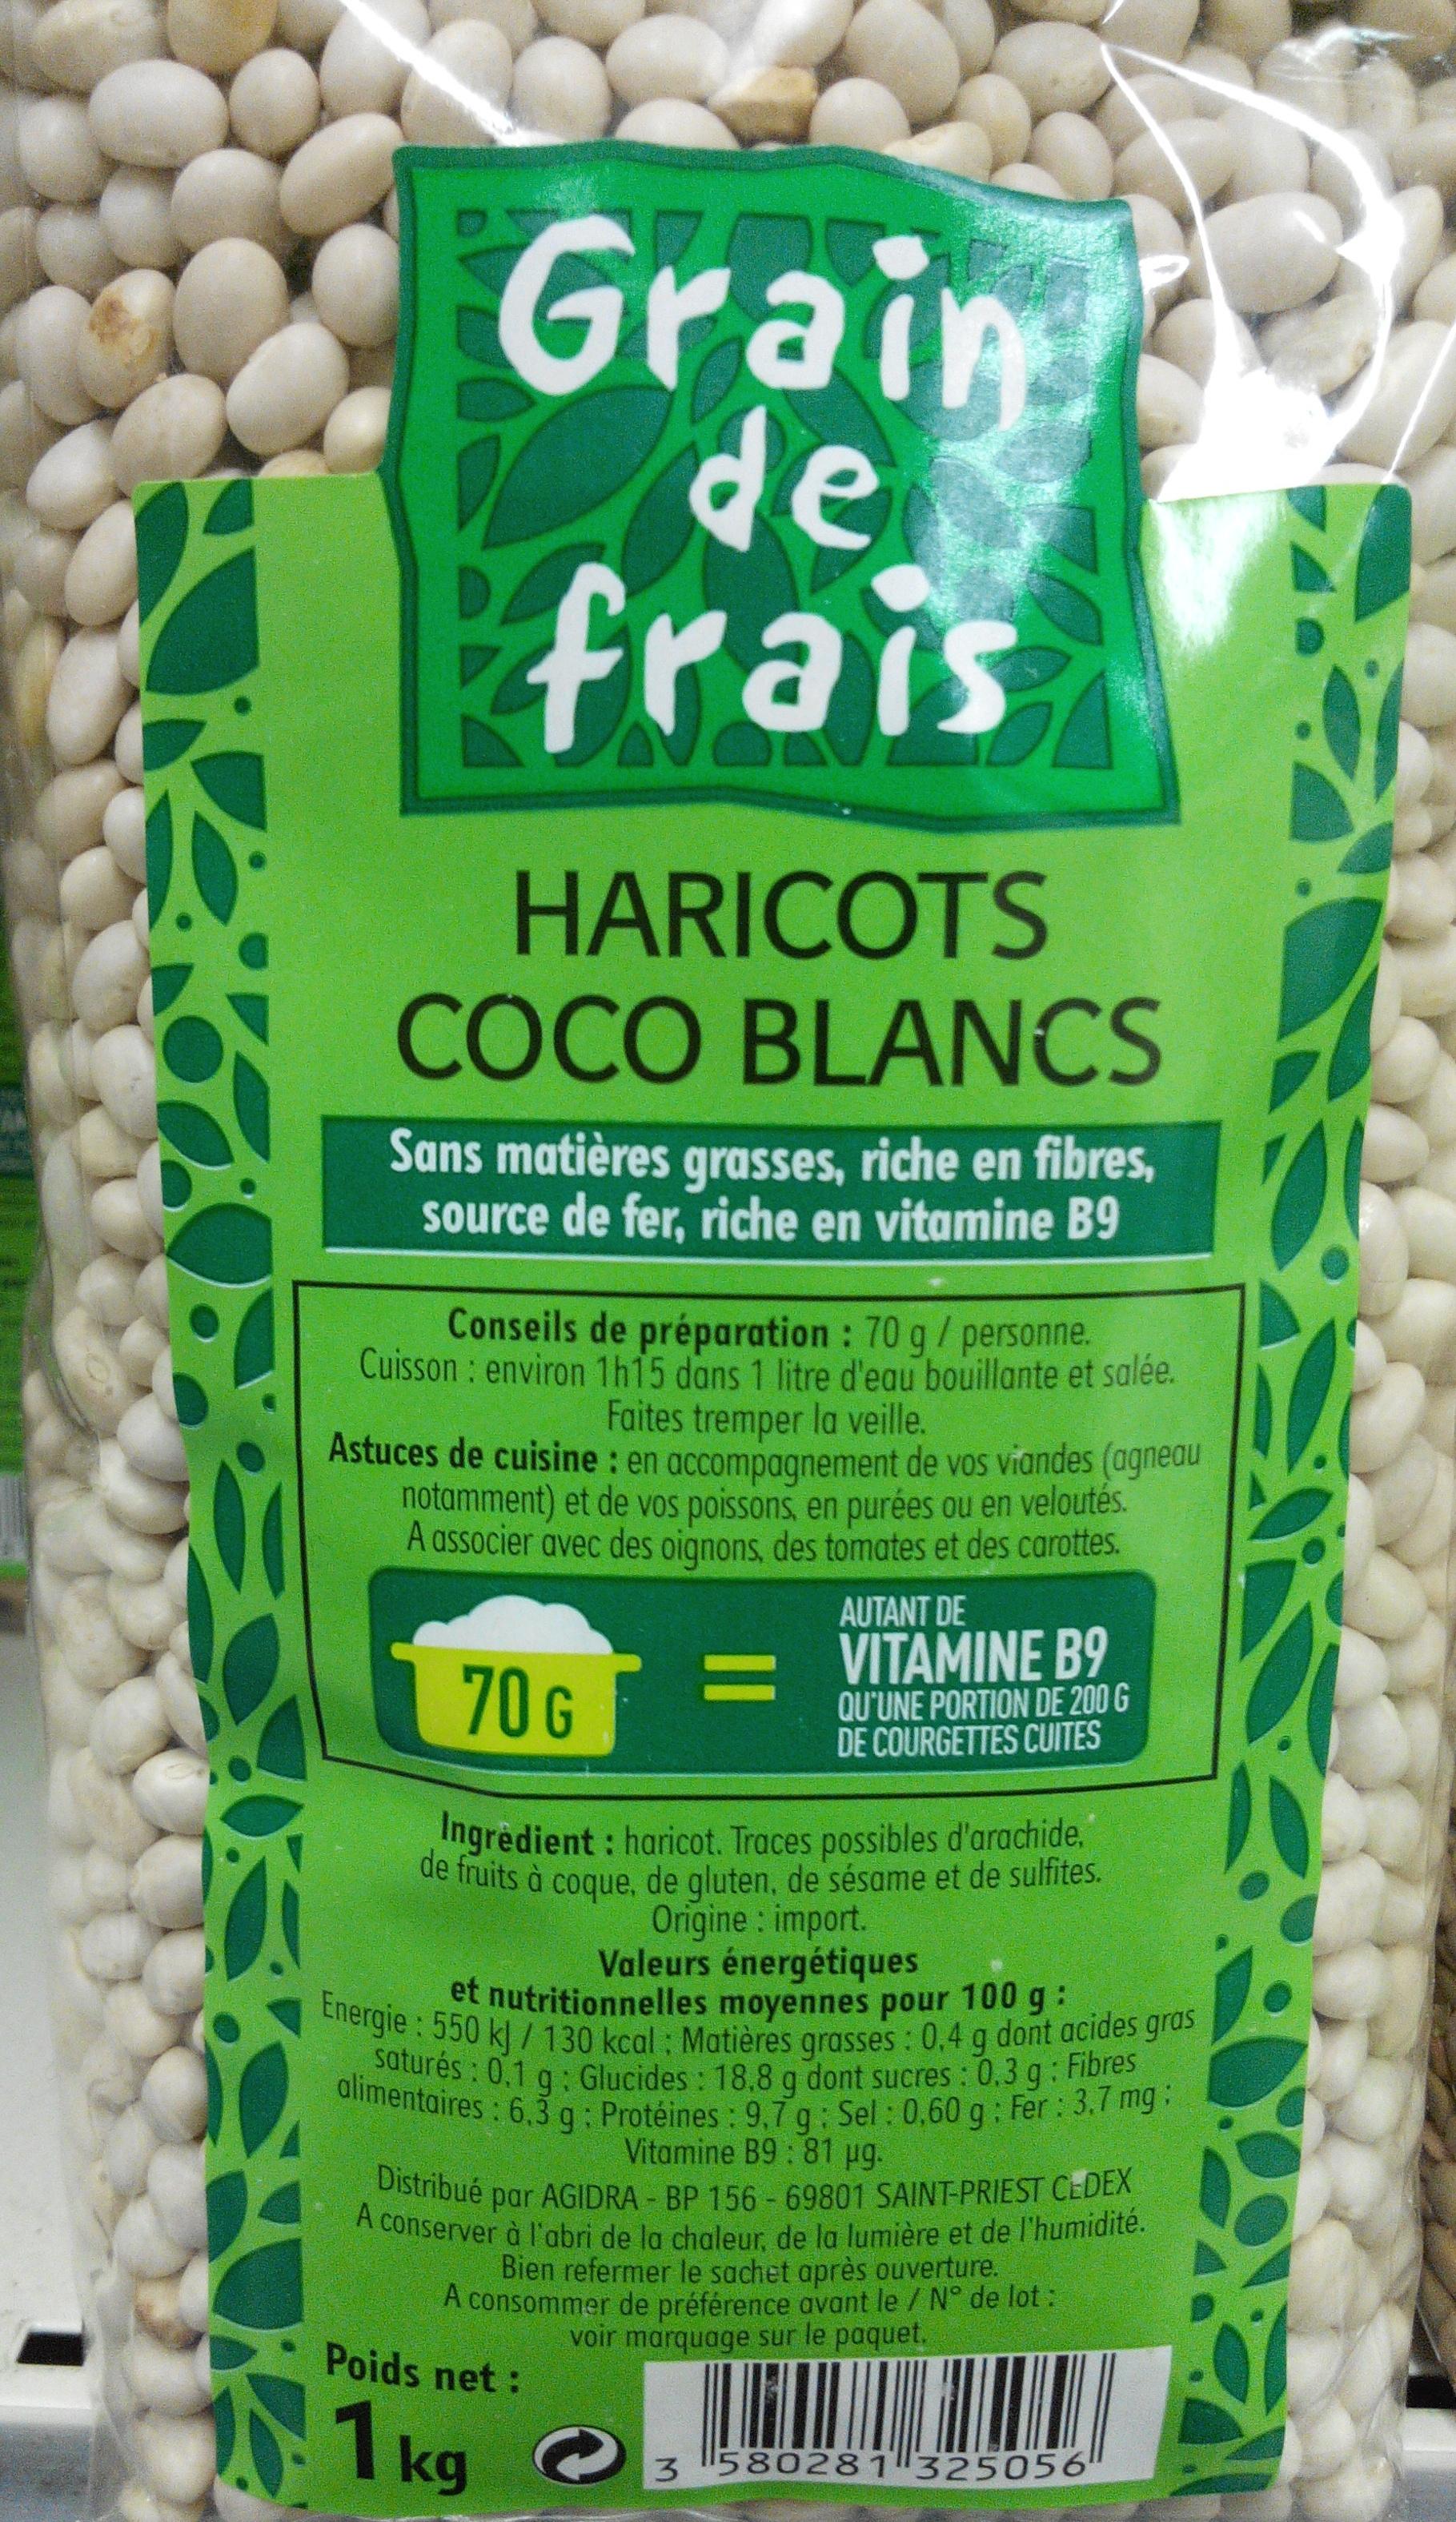 Haricots coco blancs - Produit - fr